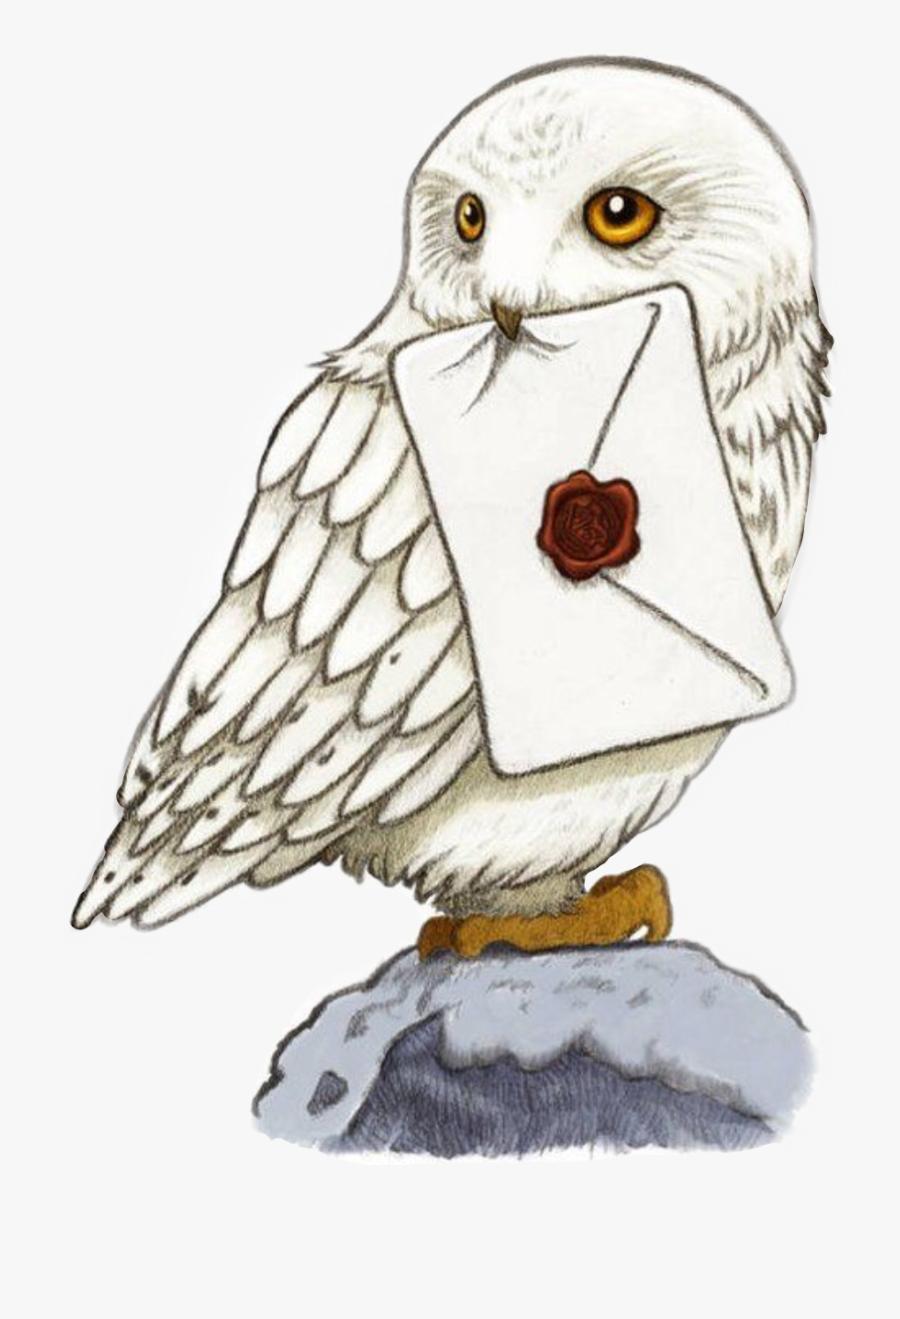 Sticker Hogwarts Harrypotter Freetoedit - Harry Potter Hedwig Drawing, Transparent Clipart